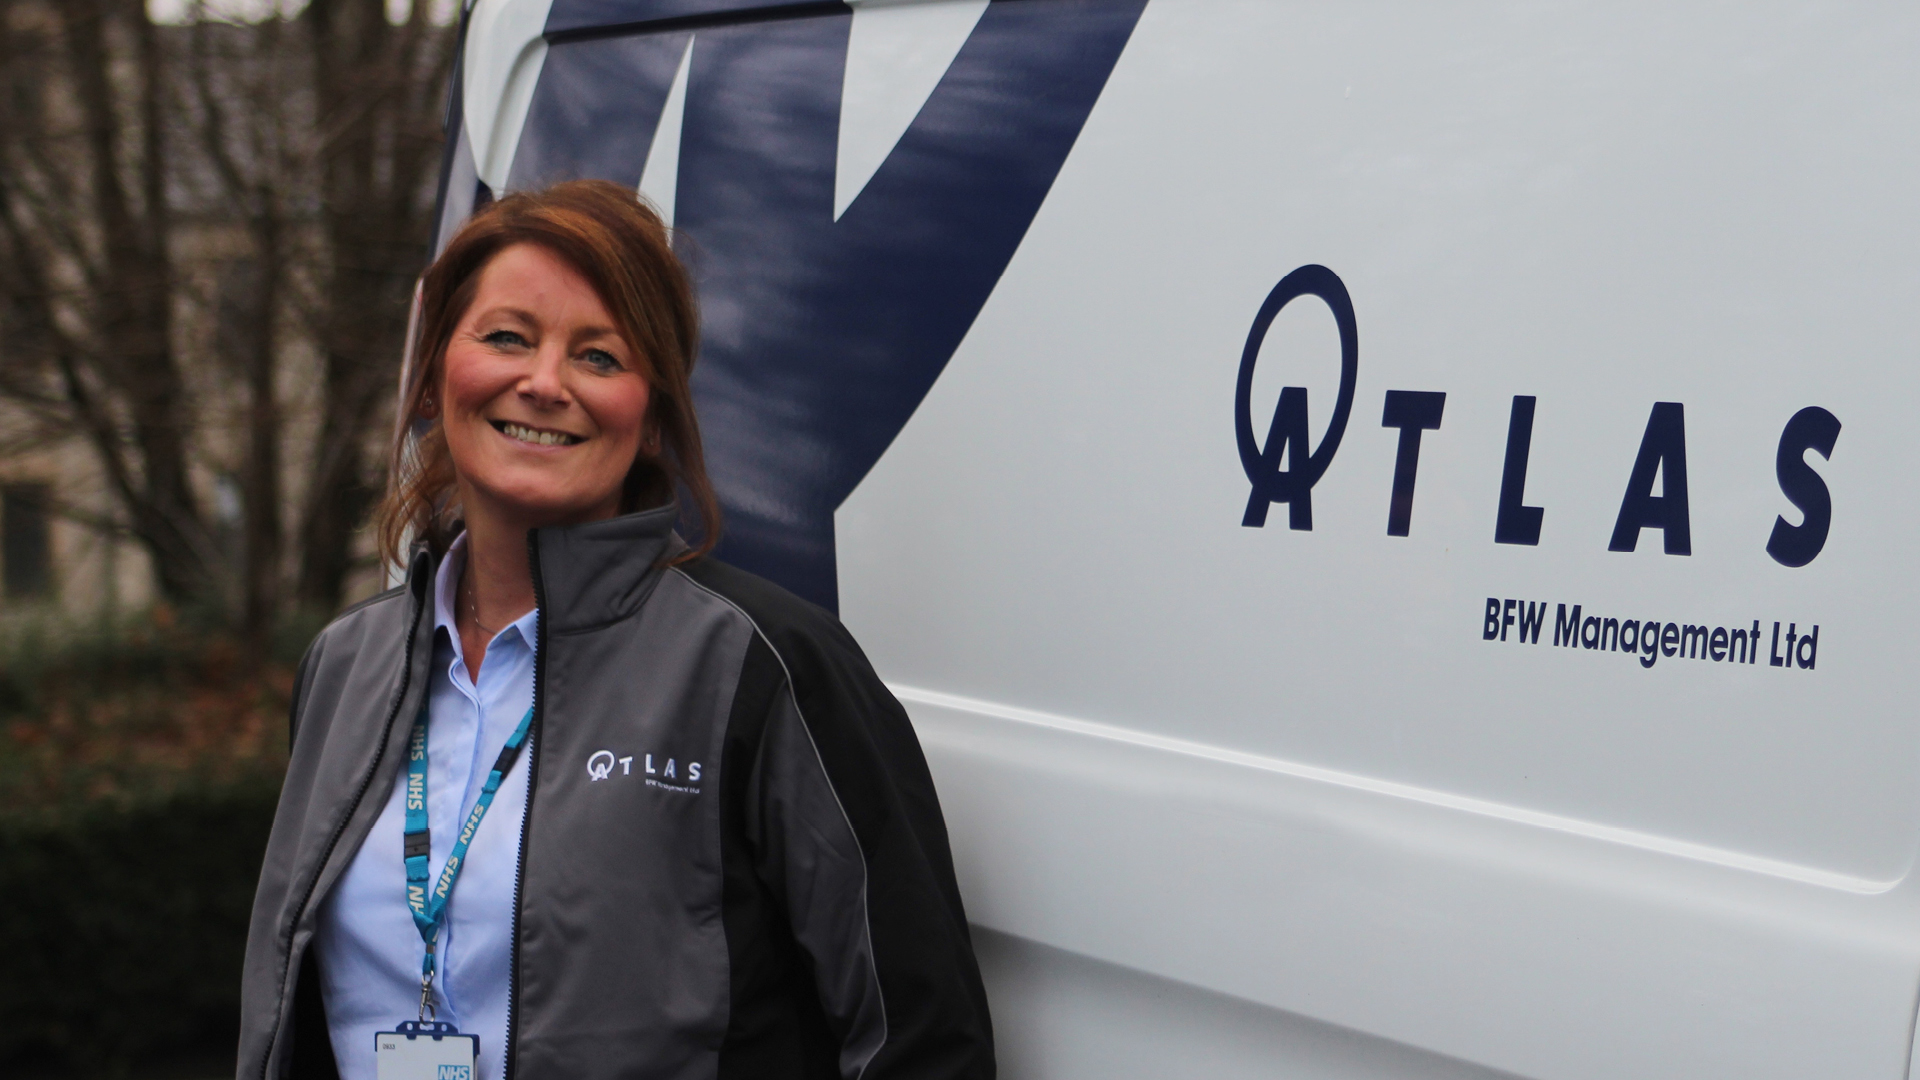 Atlas Management branding shown on vans